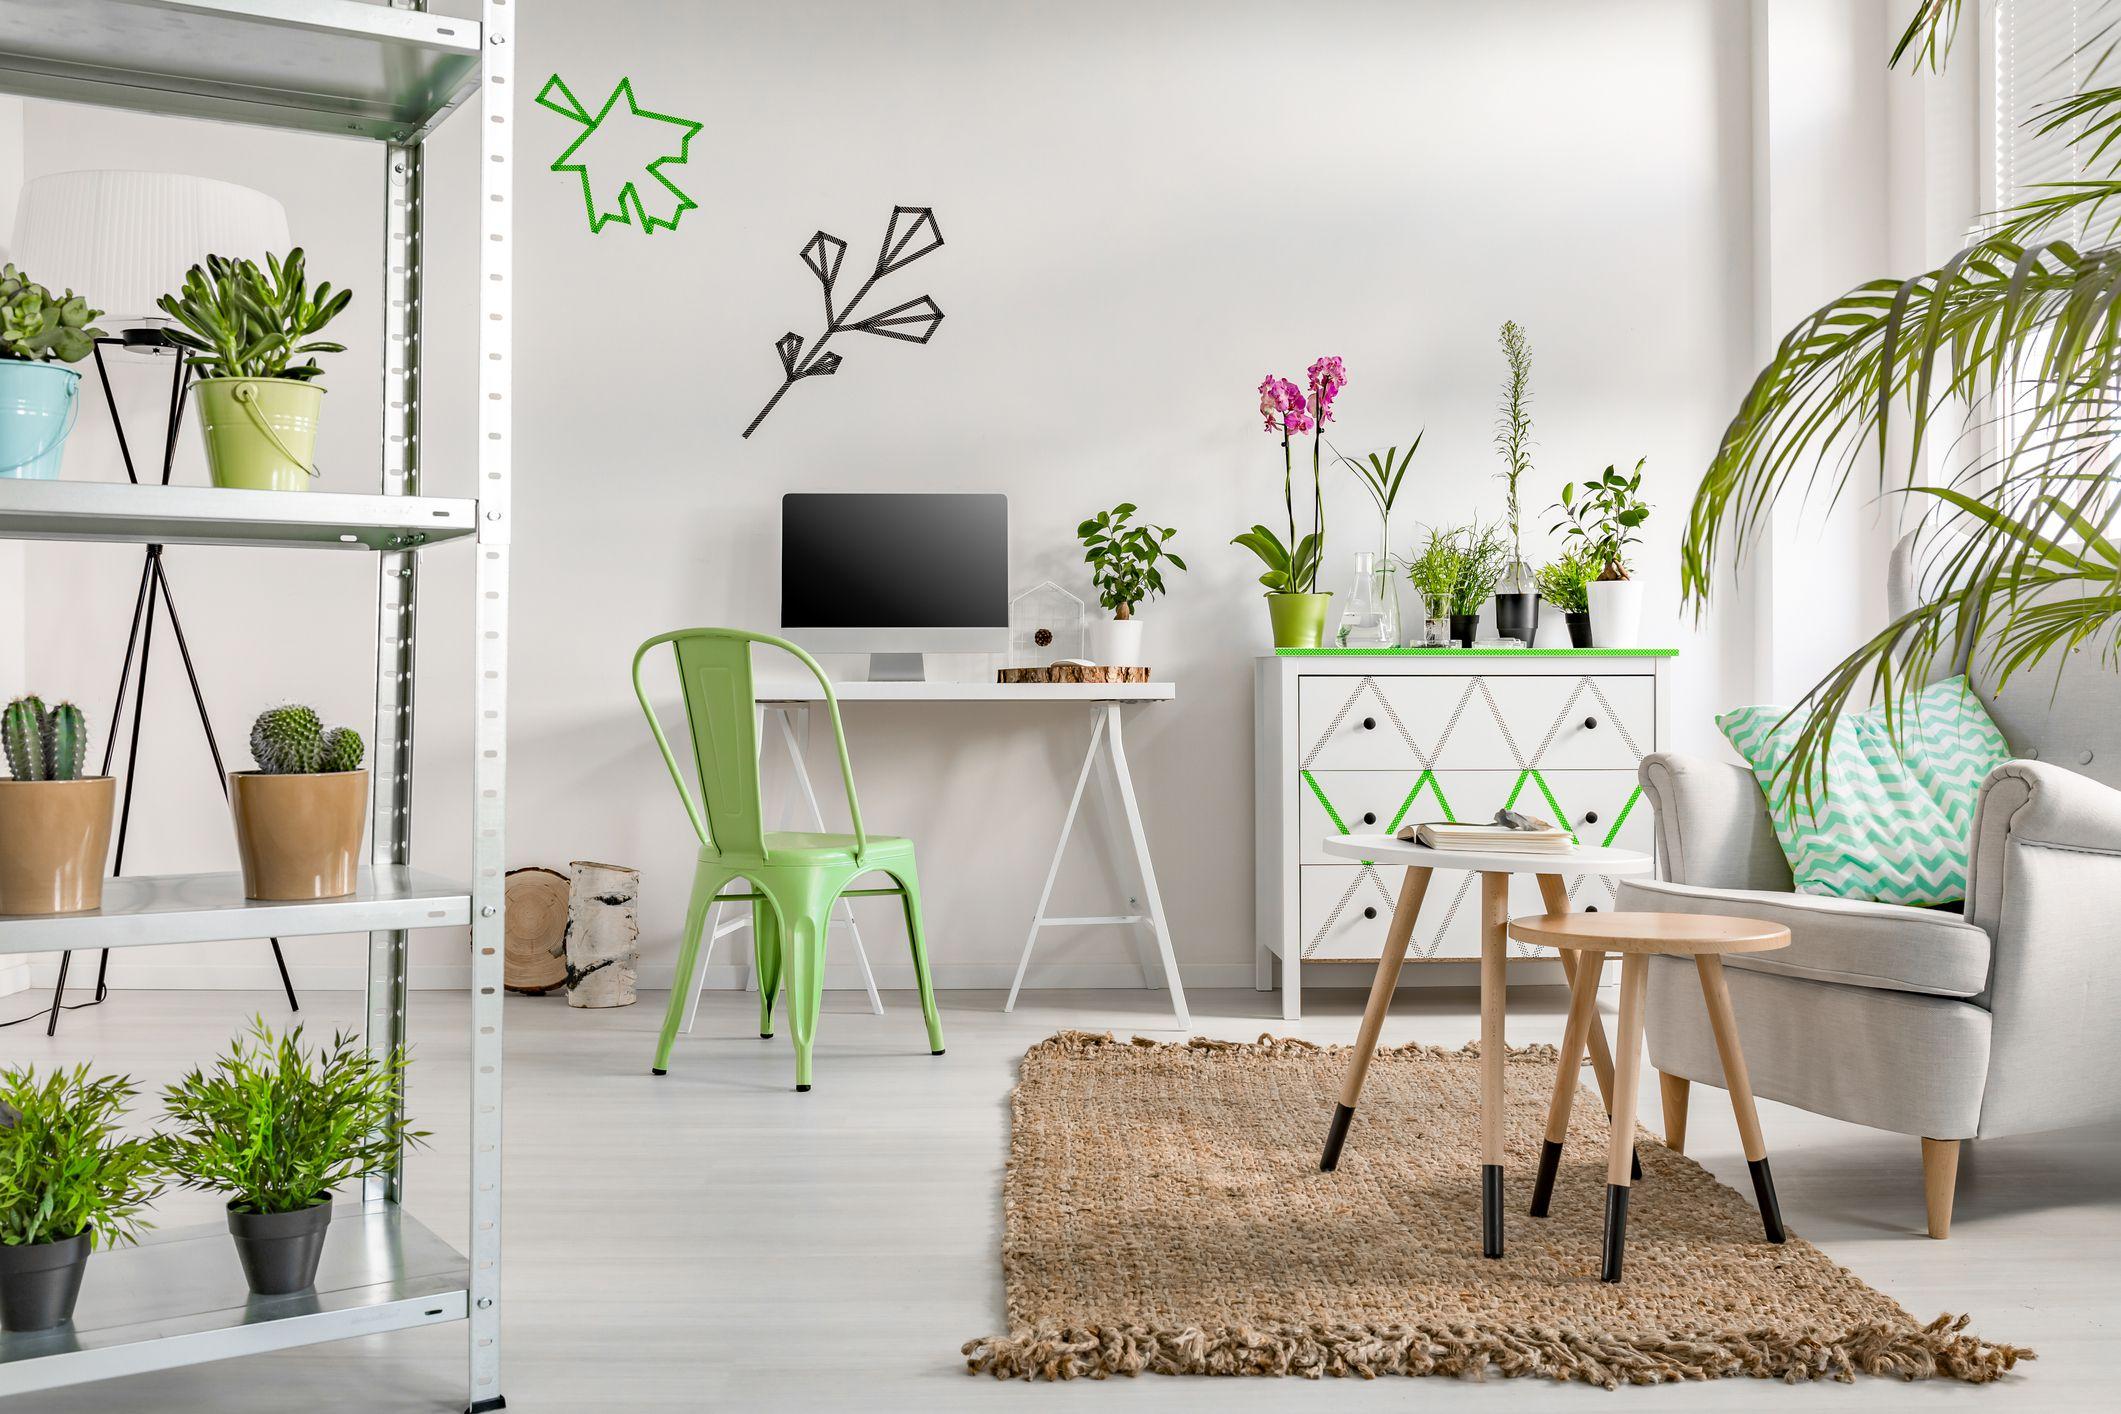 Best Indoor Plants to Refresh Your Home